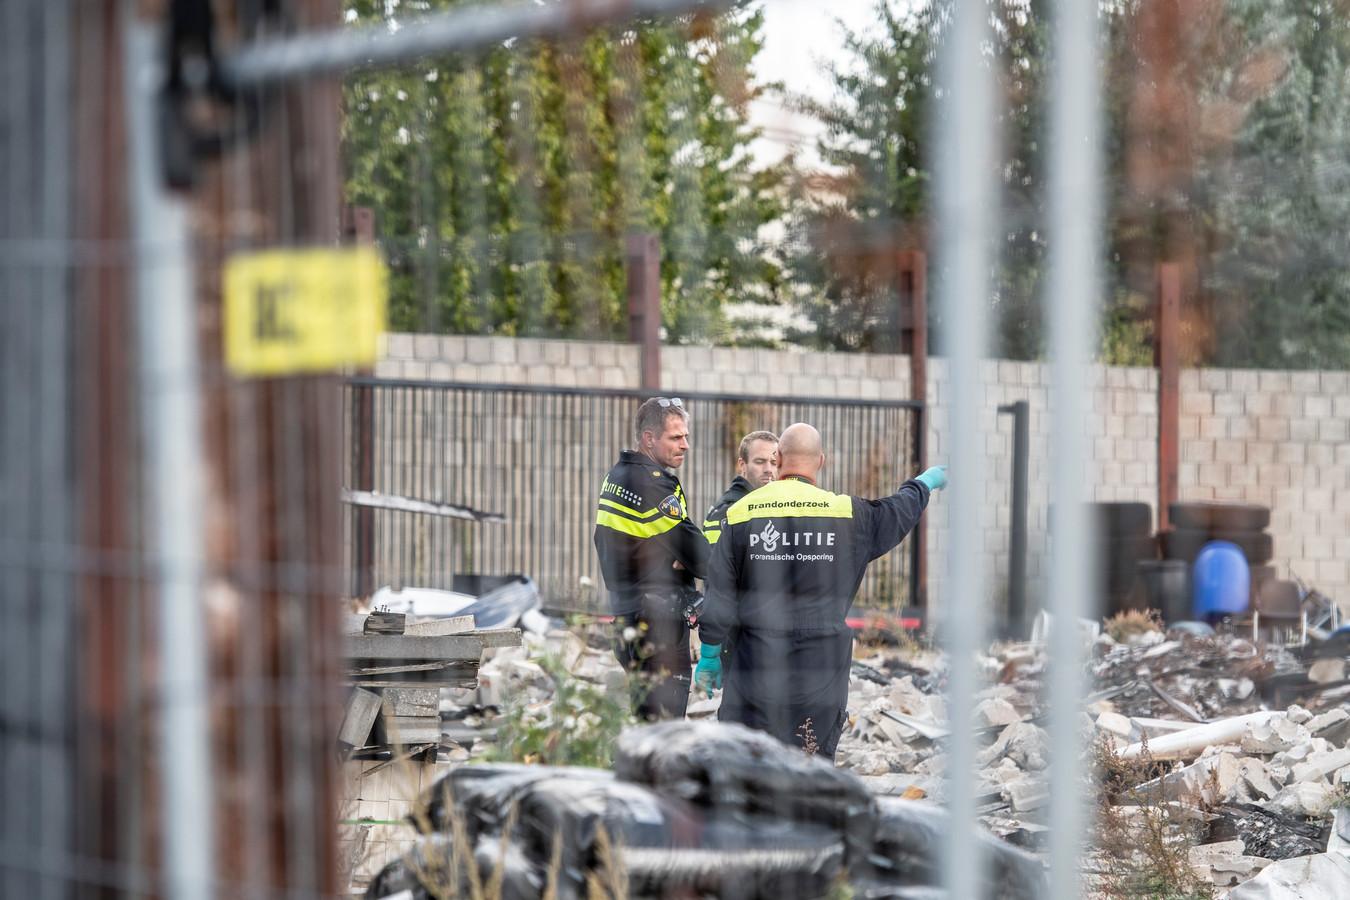 De politie onderzoekt de brand bij een bedrijf in tweedehands vrachtwagens in Nijmegen.